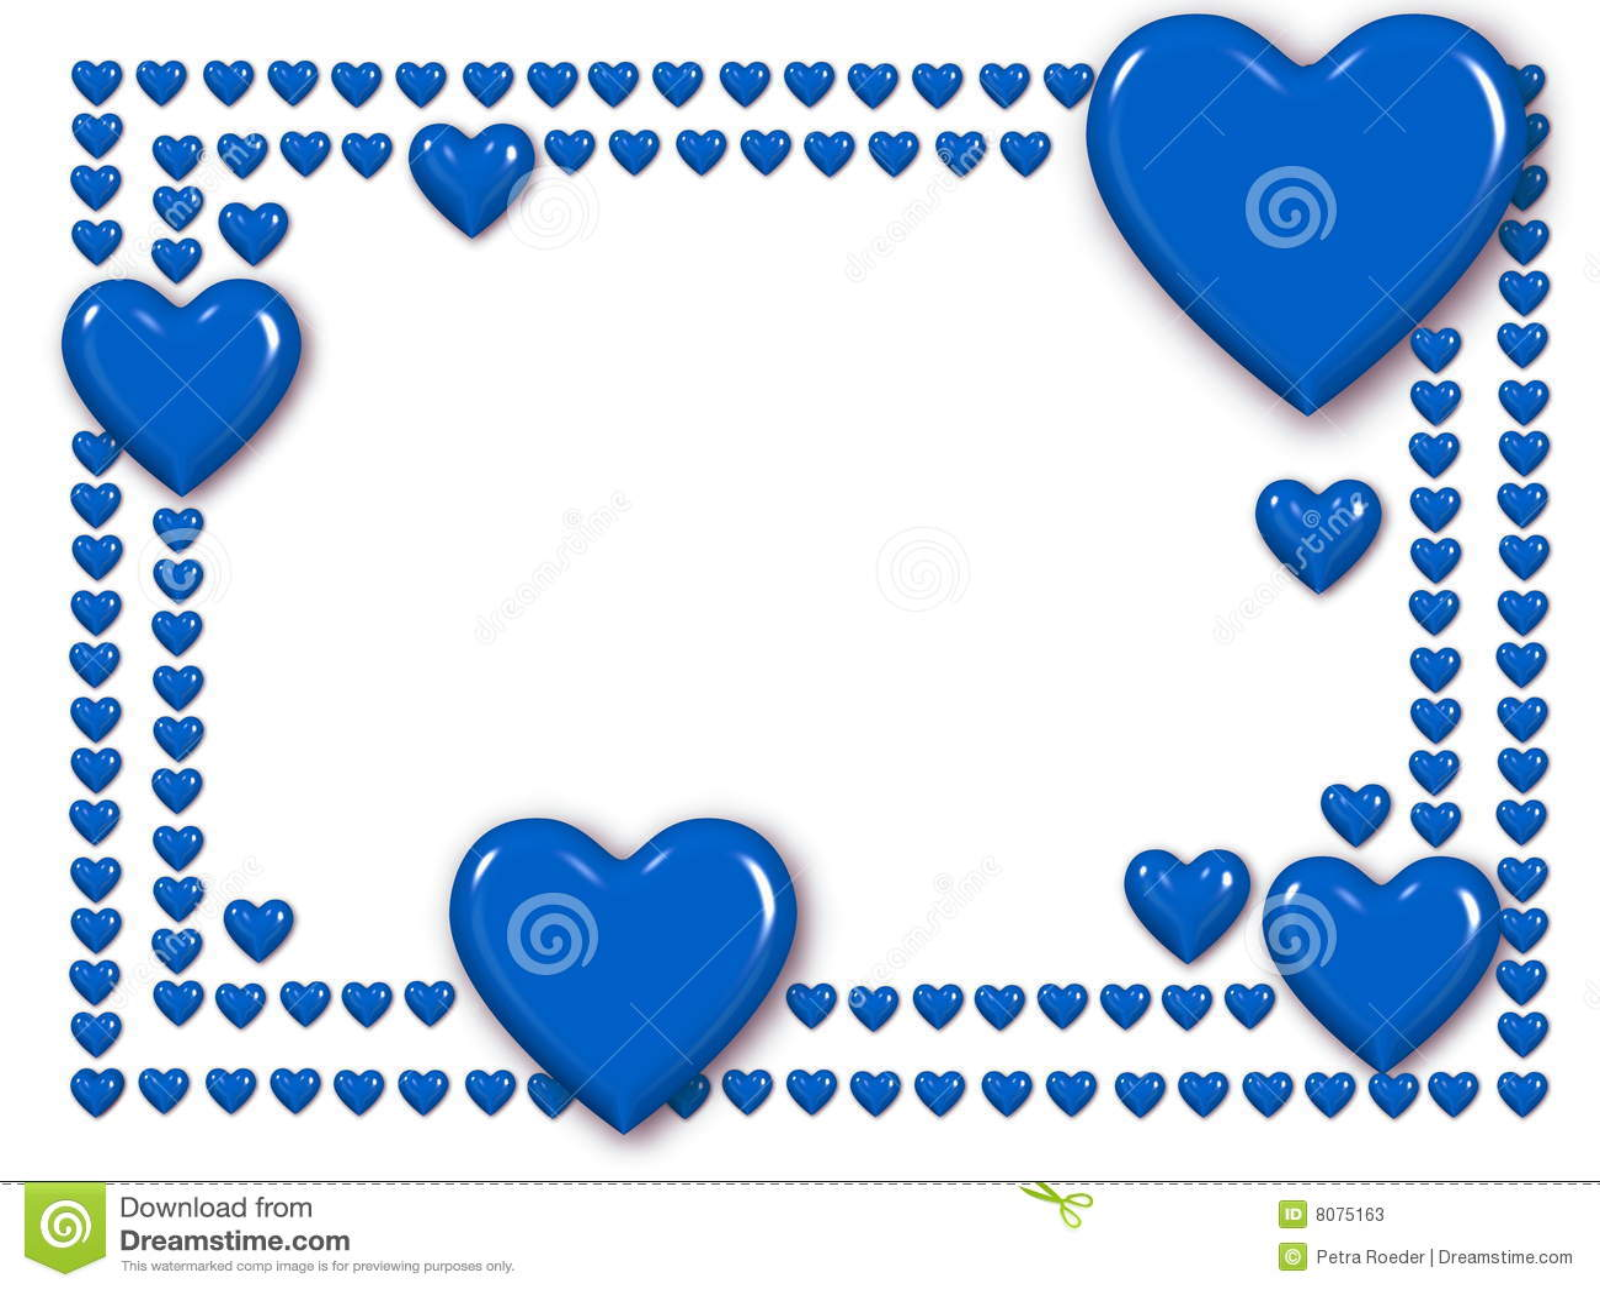 Corazones azules de amor images - Marcos de corazones para fotos ...